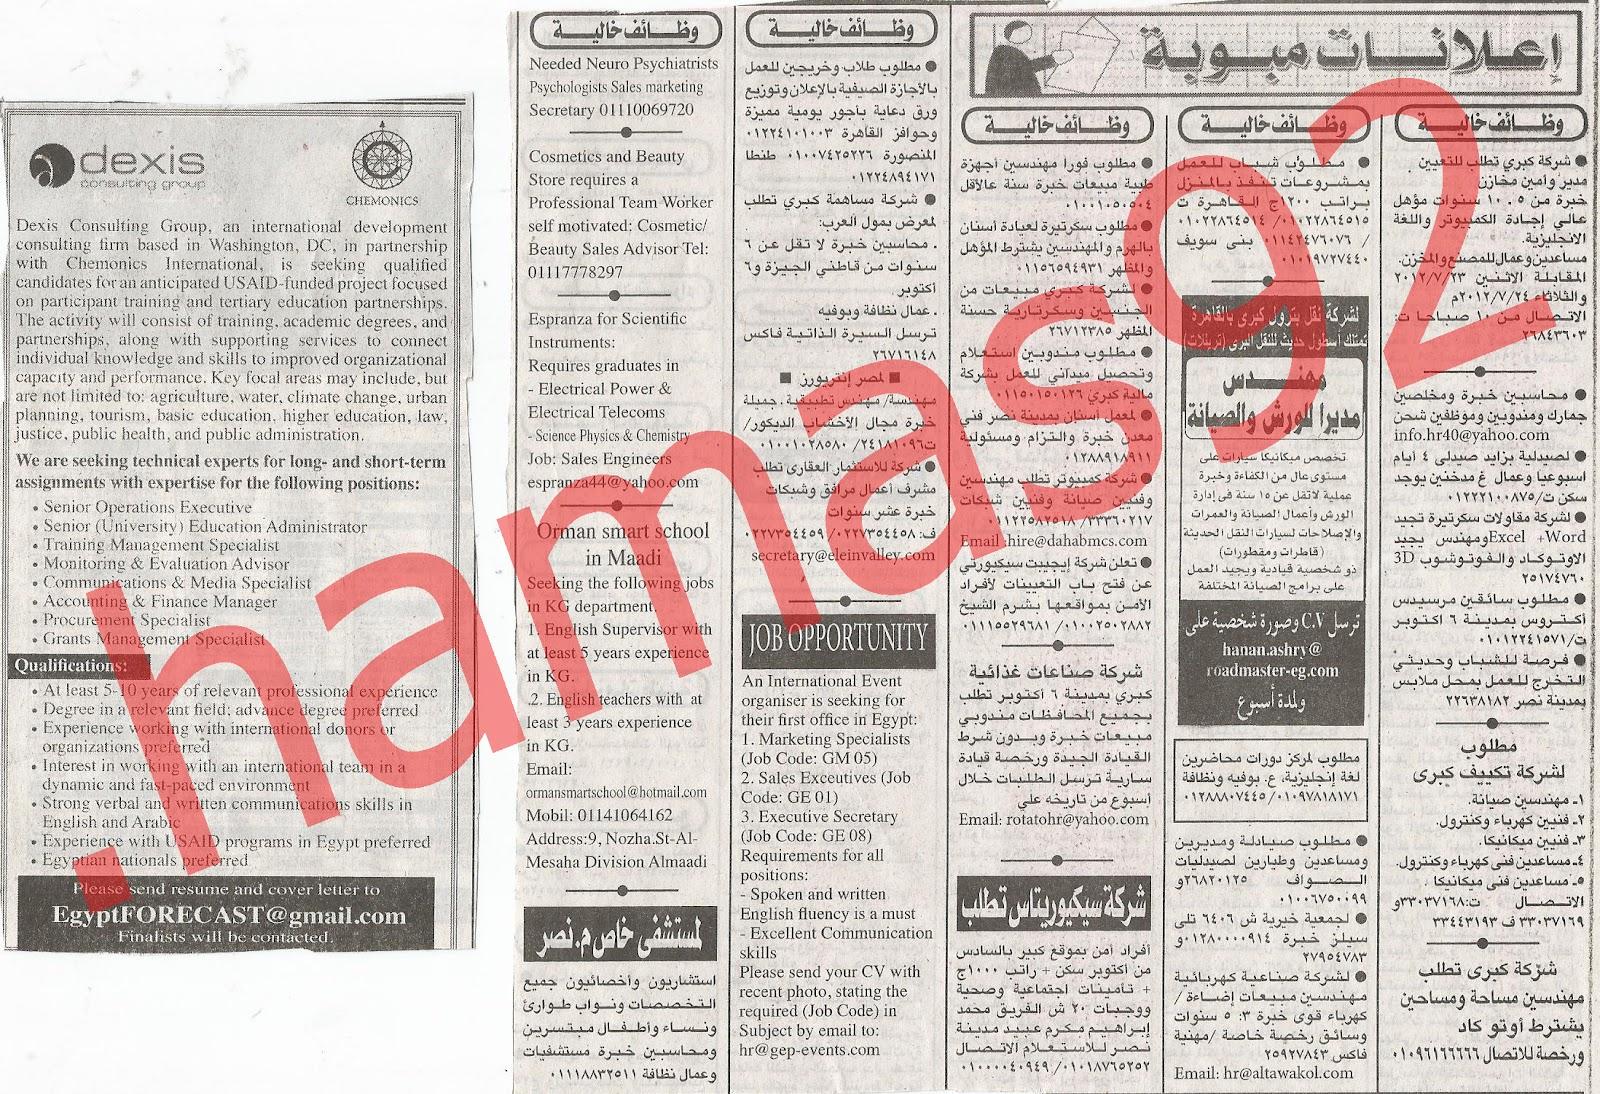 وظائف جريدة الاهرام الجمعة 20/7/2012 - الاعلانات كاملة 2